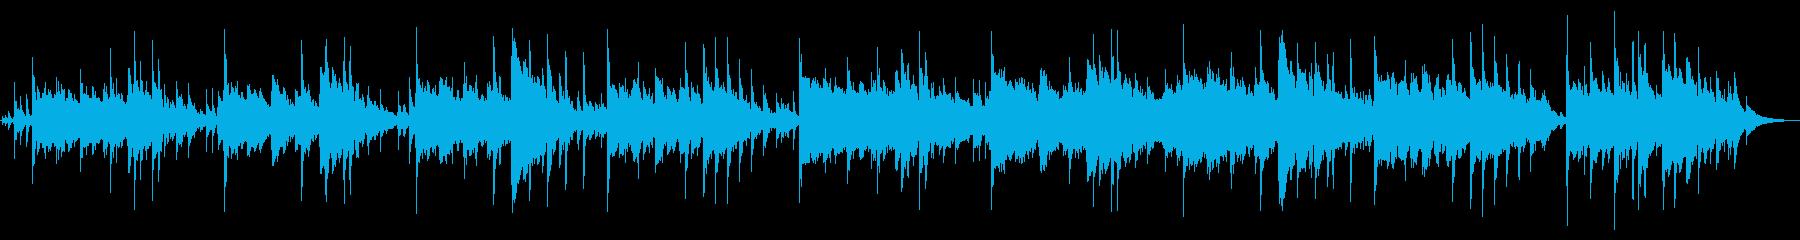 遅延マリンバとソフトベースのフルー...の再生済みの波形